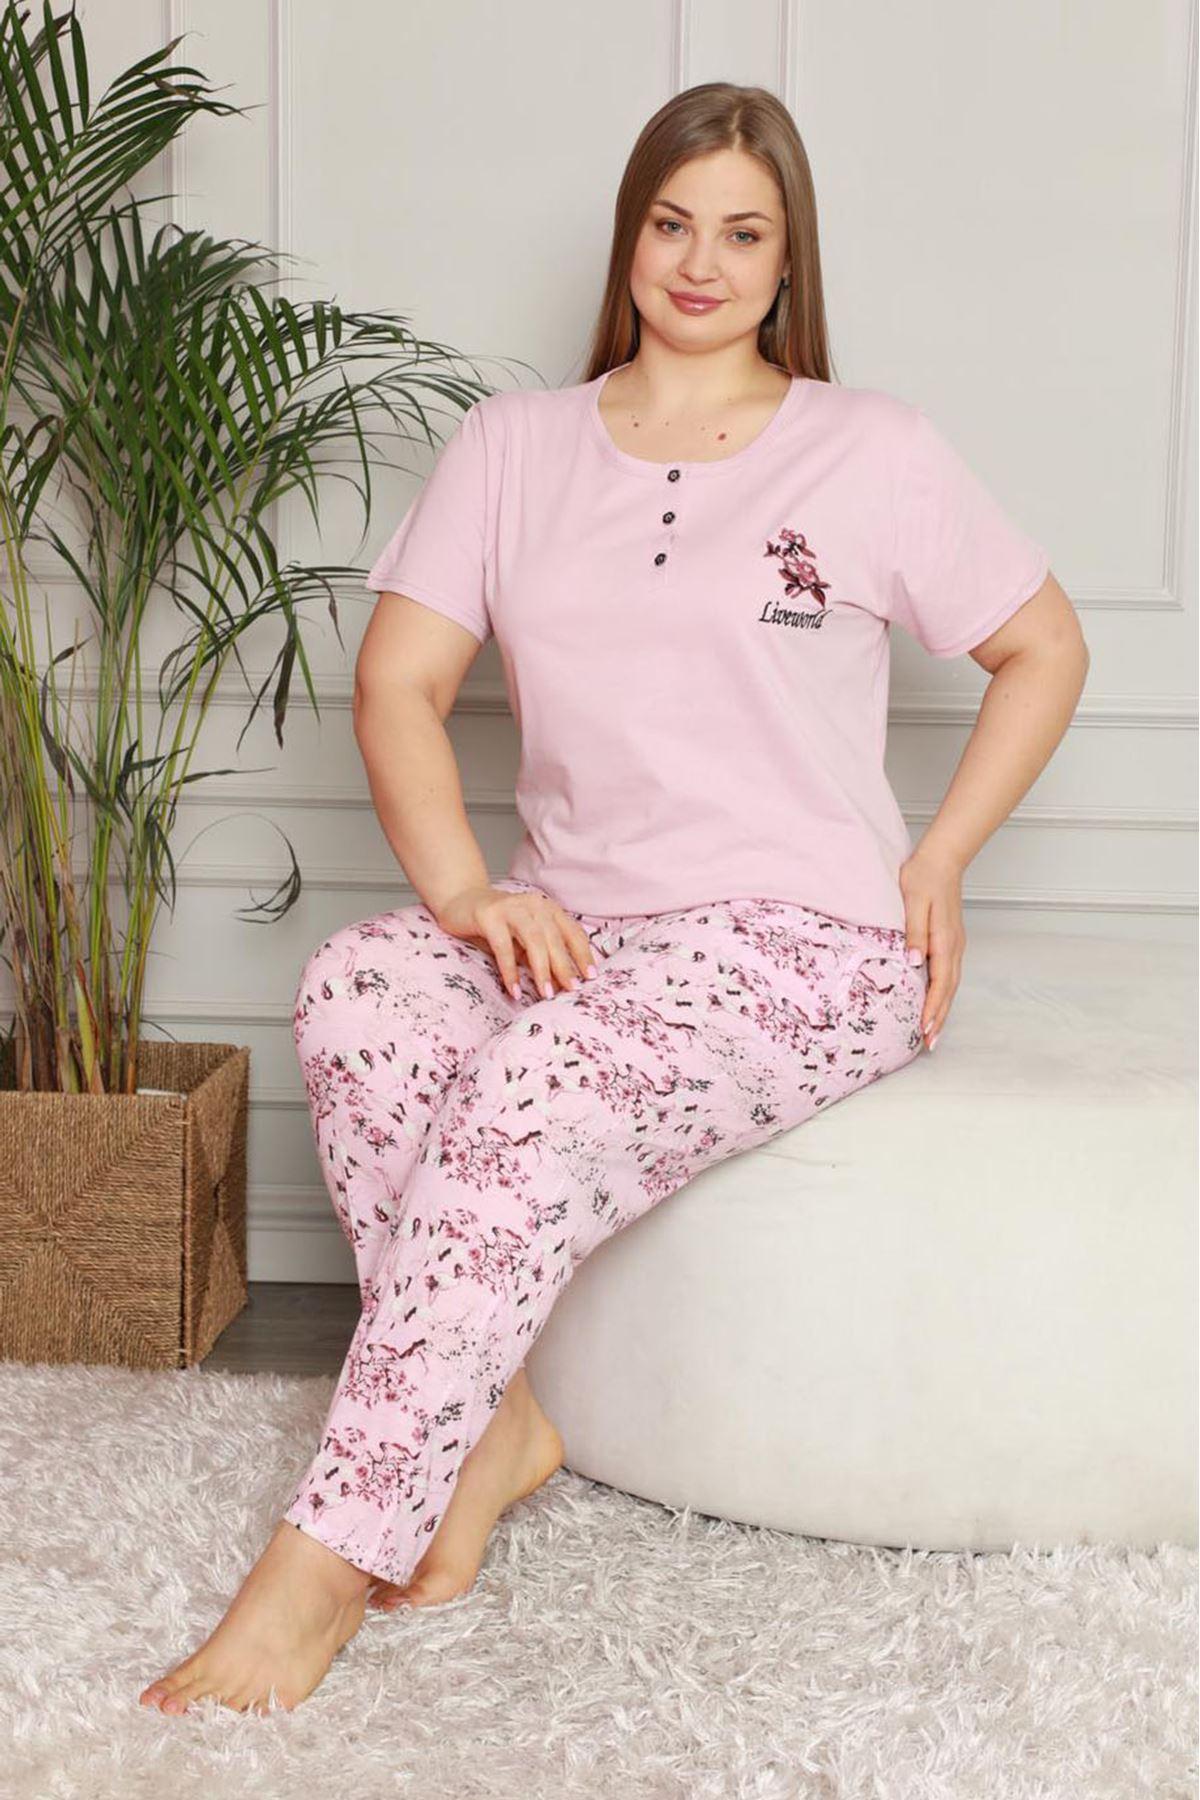 Yazlık Pembe Büyük Beden Pijama Takımı 26B-1605